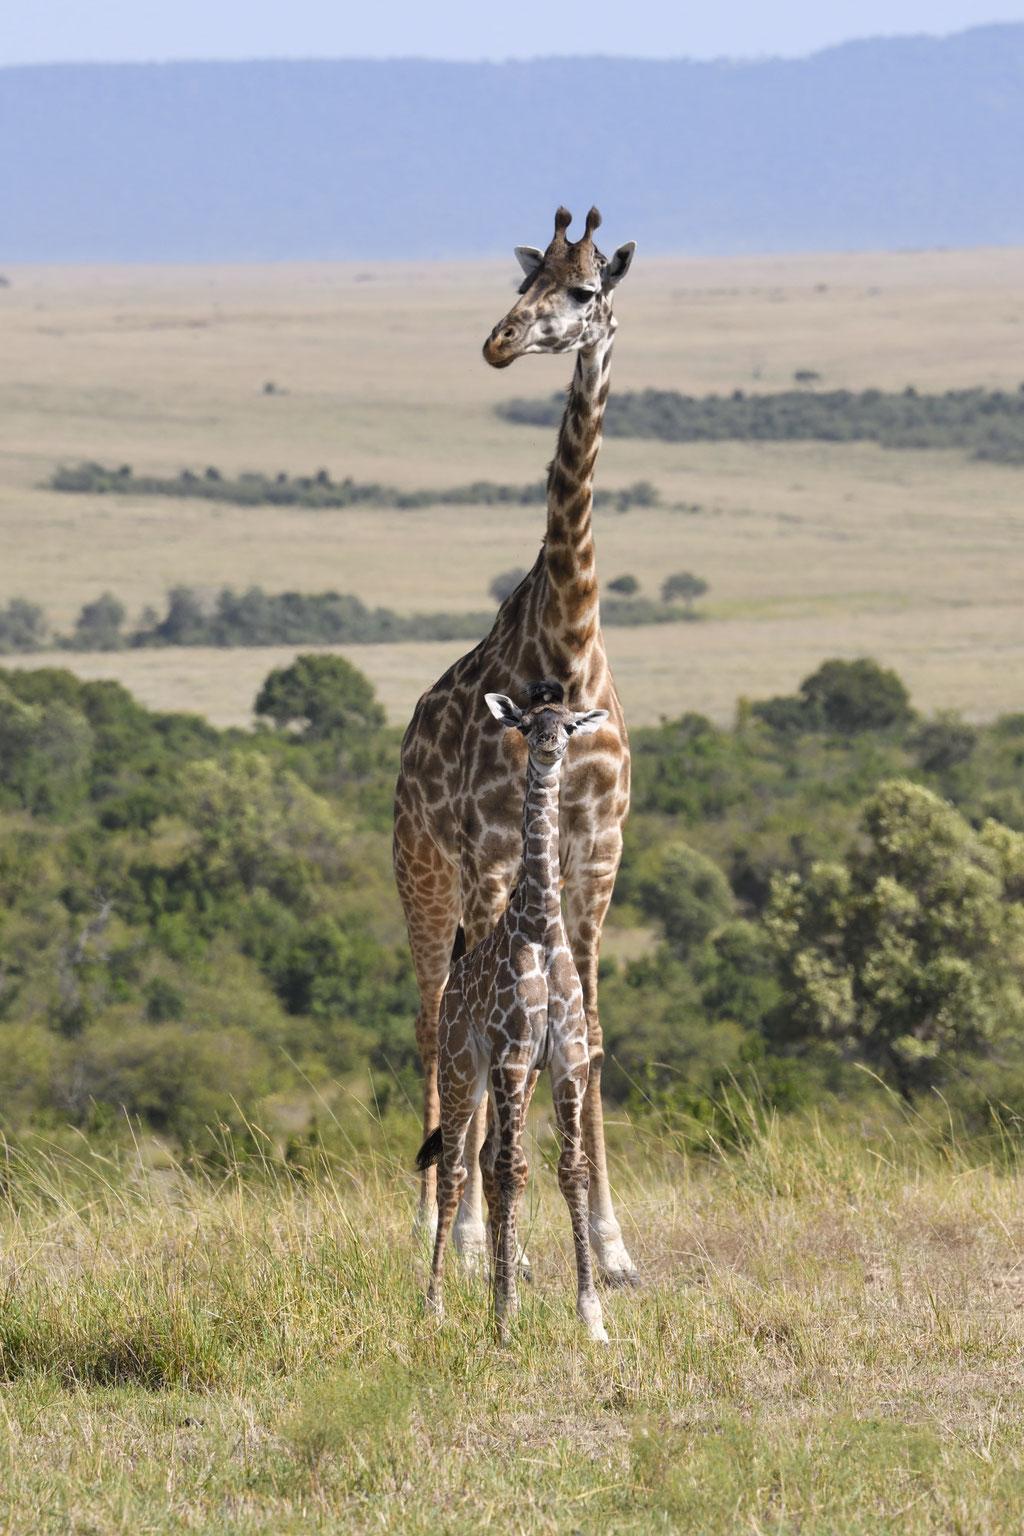 Giraffe mit Baby - fotografiert Uwe Skrzypczak - Fotosafari Masai Mara Kenia